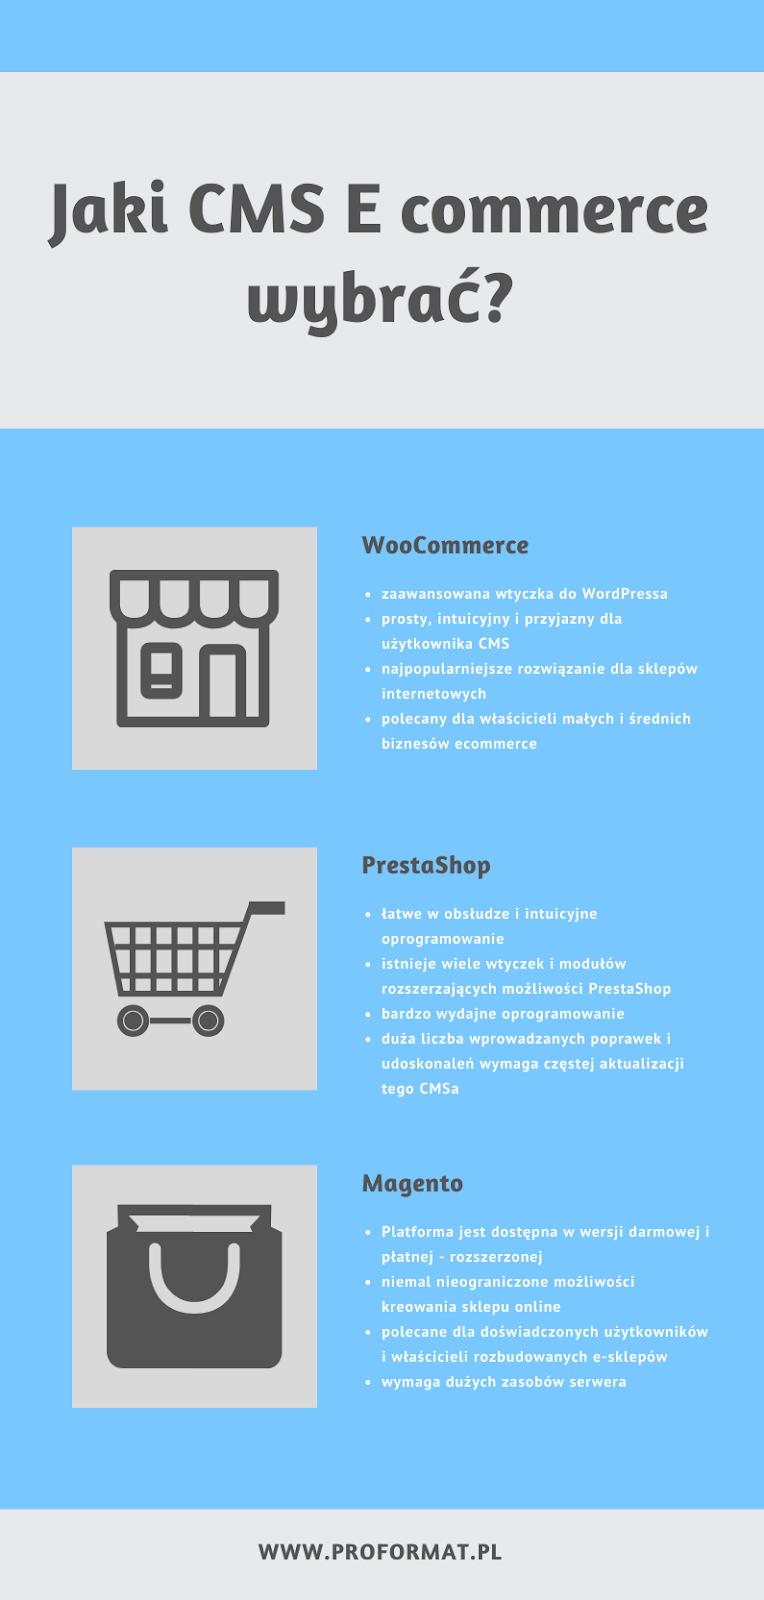 Jaki CMS E-commerce wybrać?